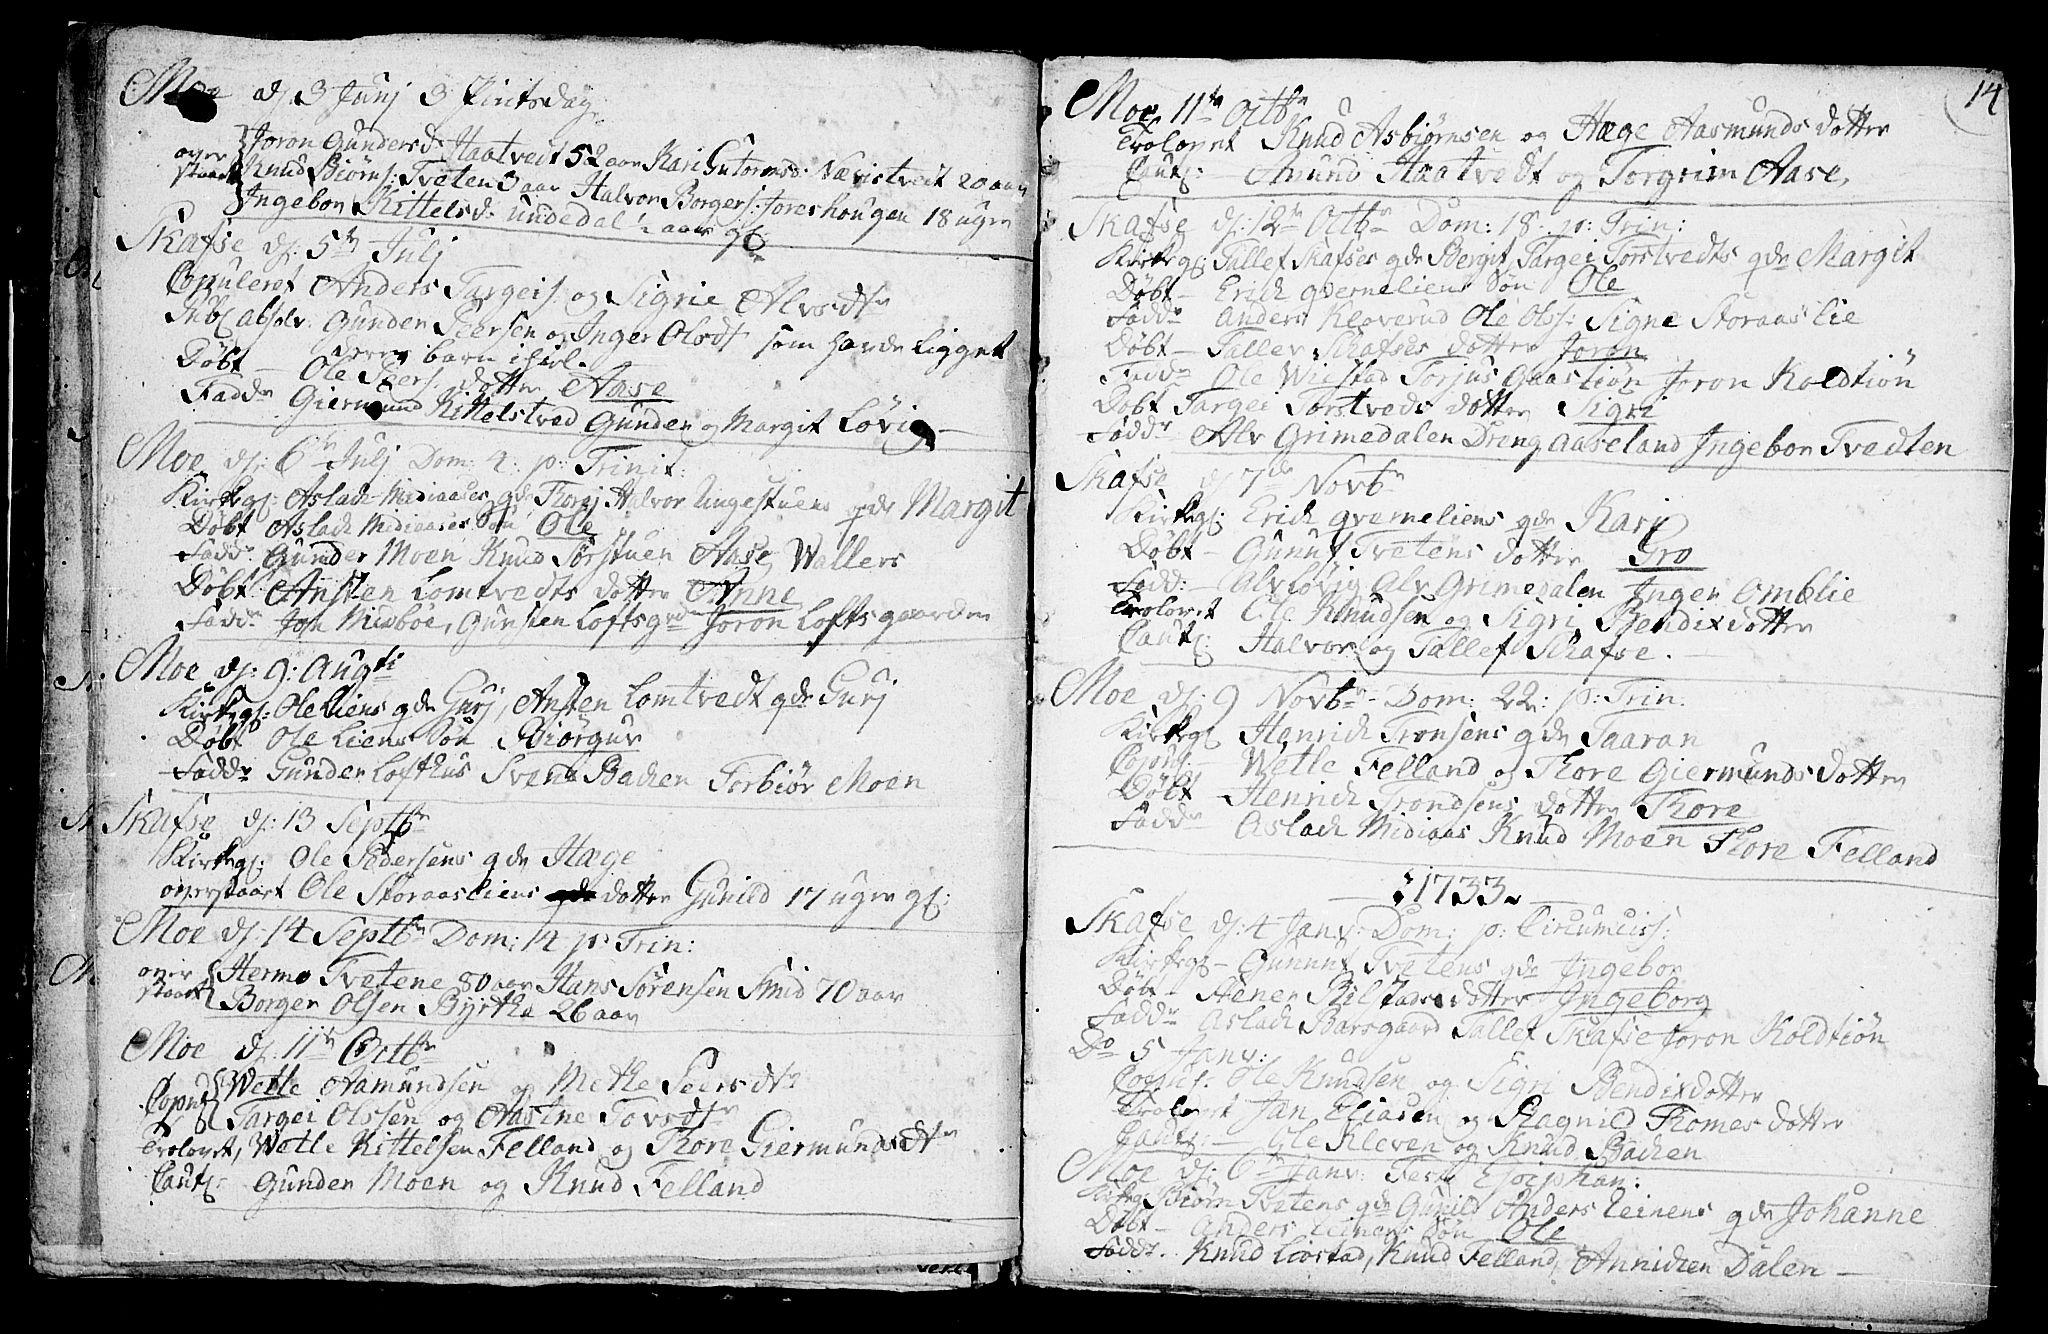 SAKO, Mo kirkebøker, F/Fa/L0001: Ministerialbok nr. I 1, 1724-1748, s. 14